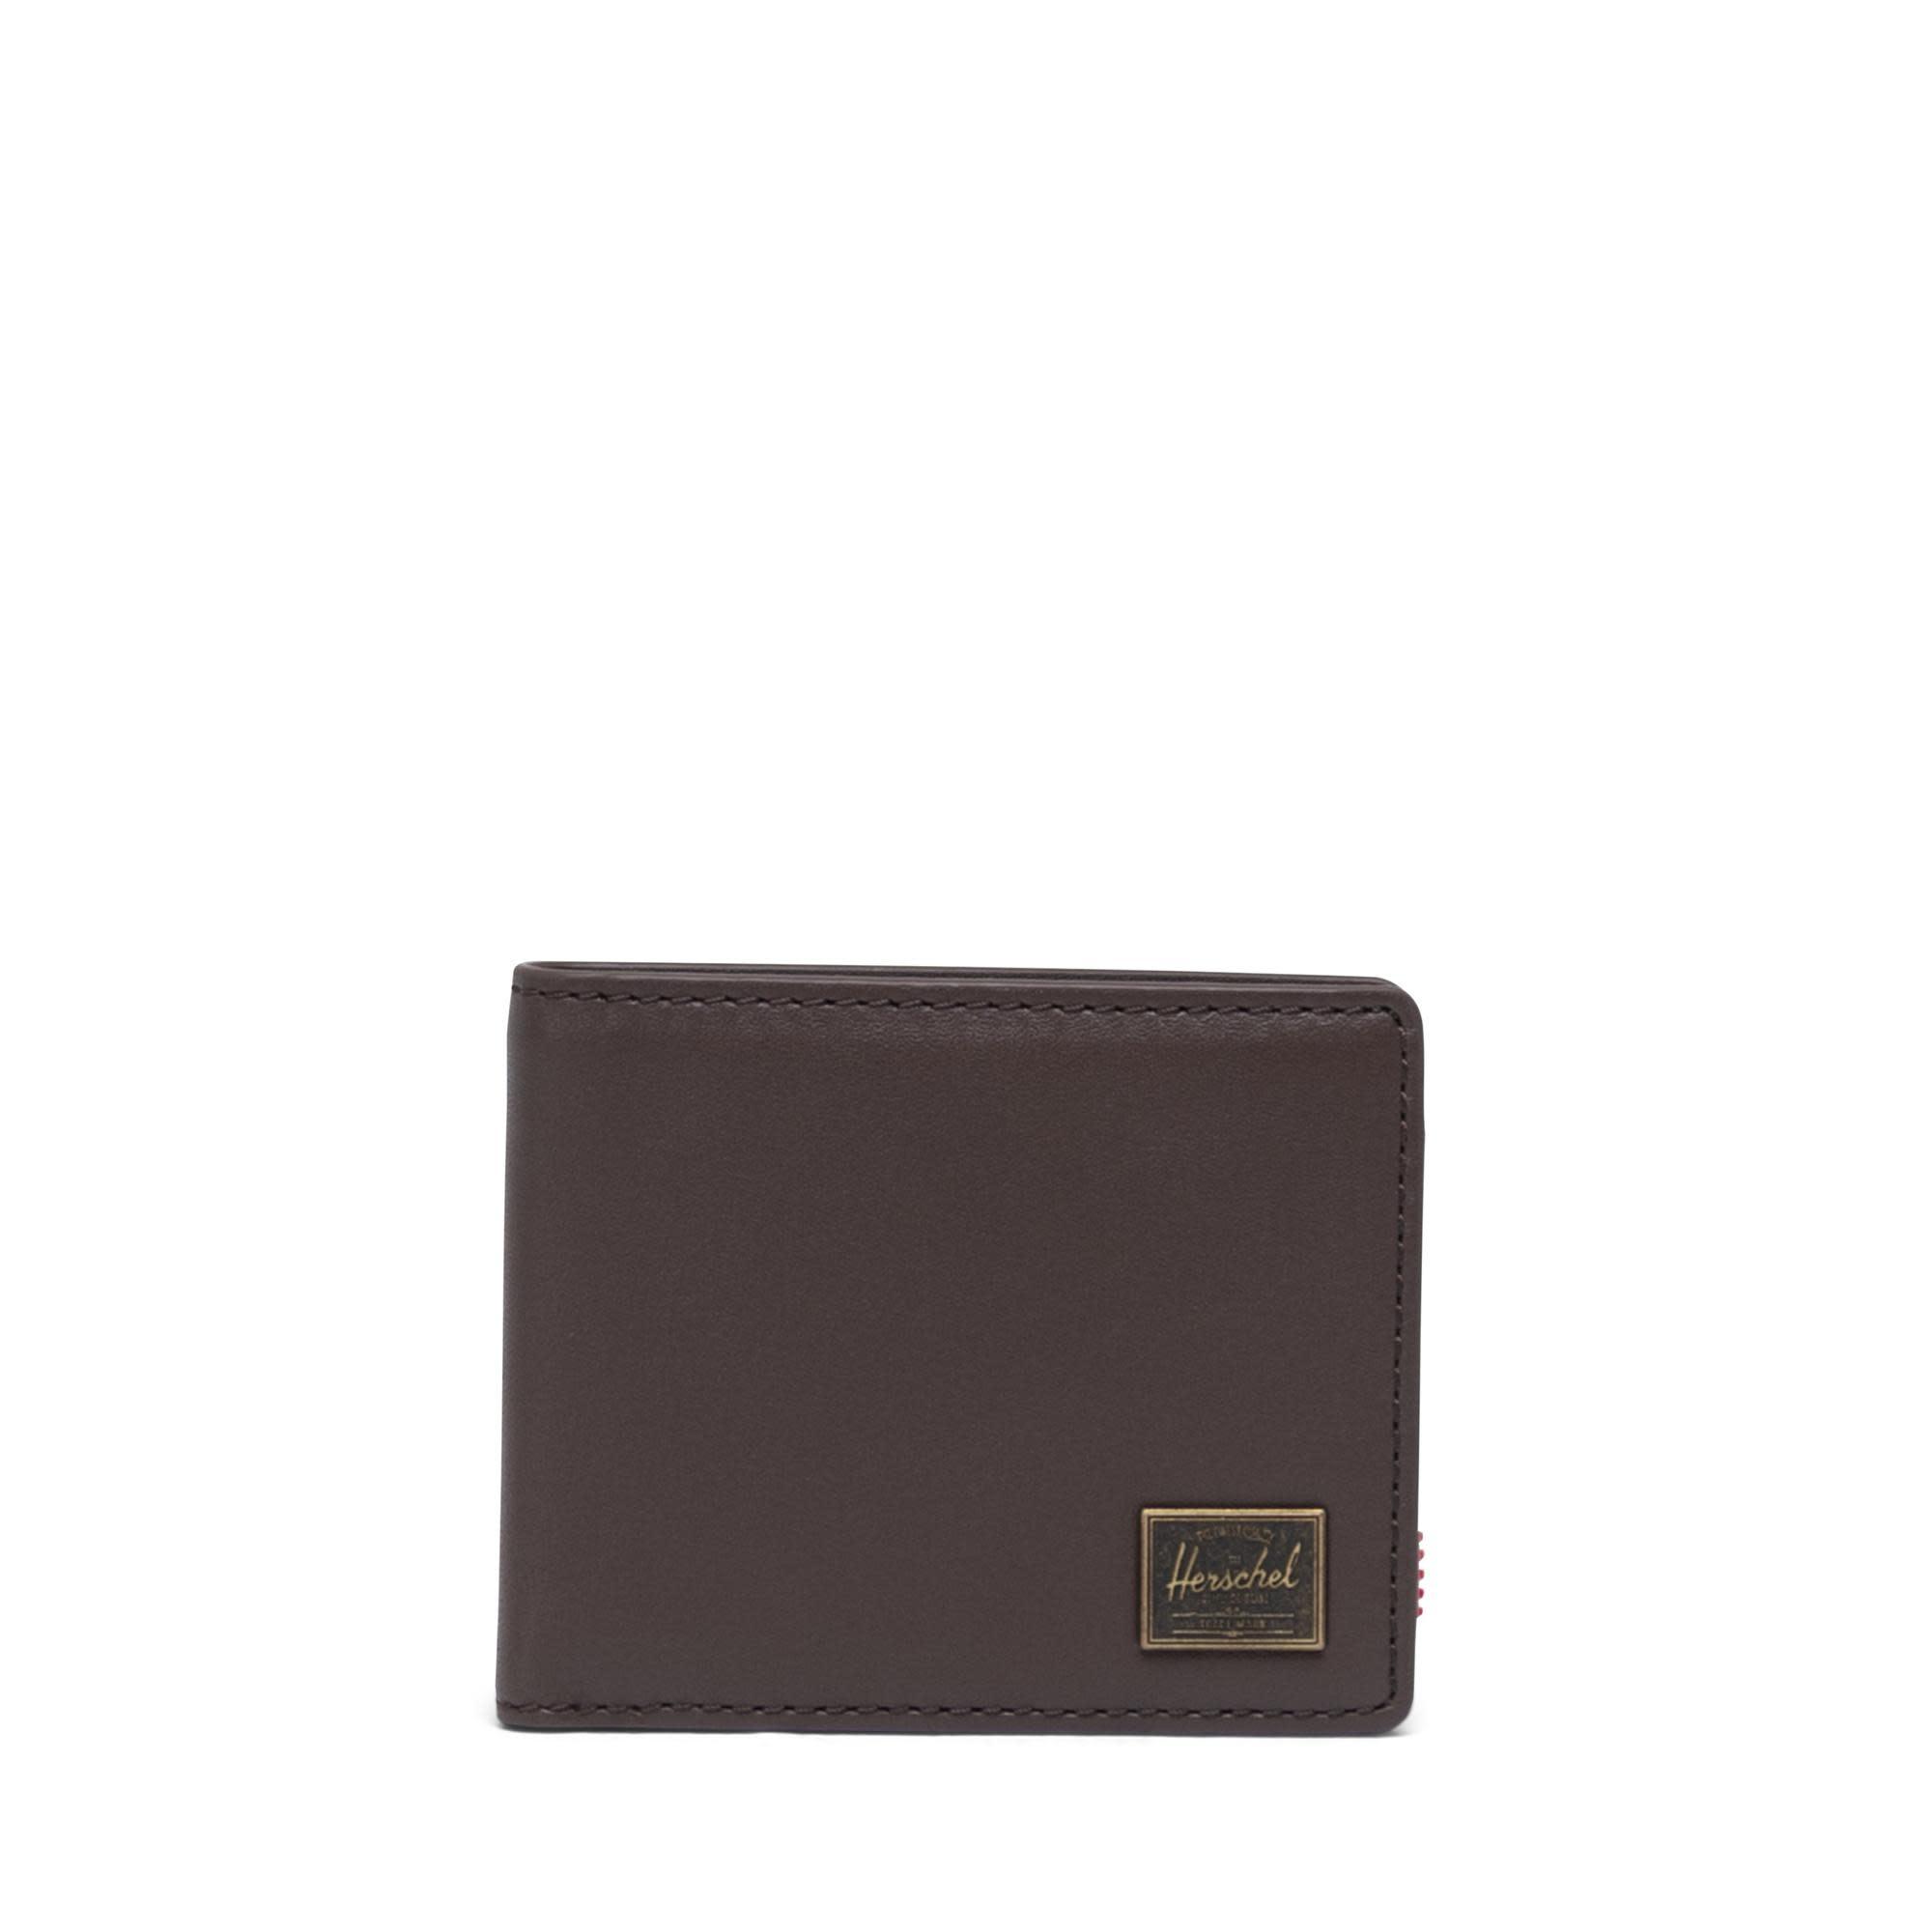 Herschel Supply Co. Herschel Hank Leather Wallet - Brown/RFID